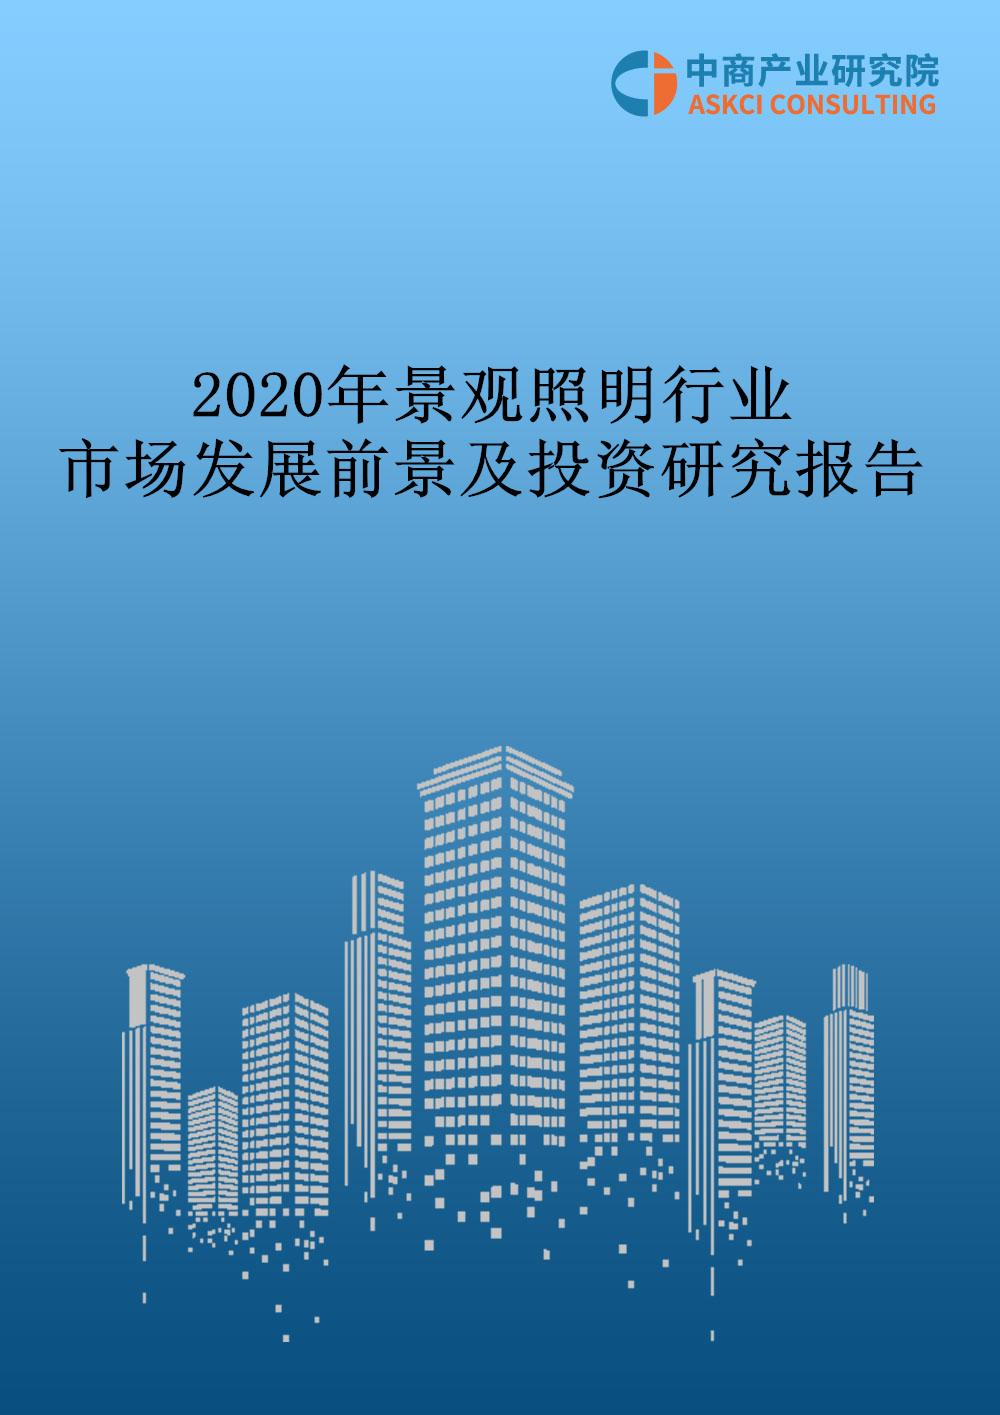 2020年景观照明行业市场发展前景及投资研究报告